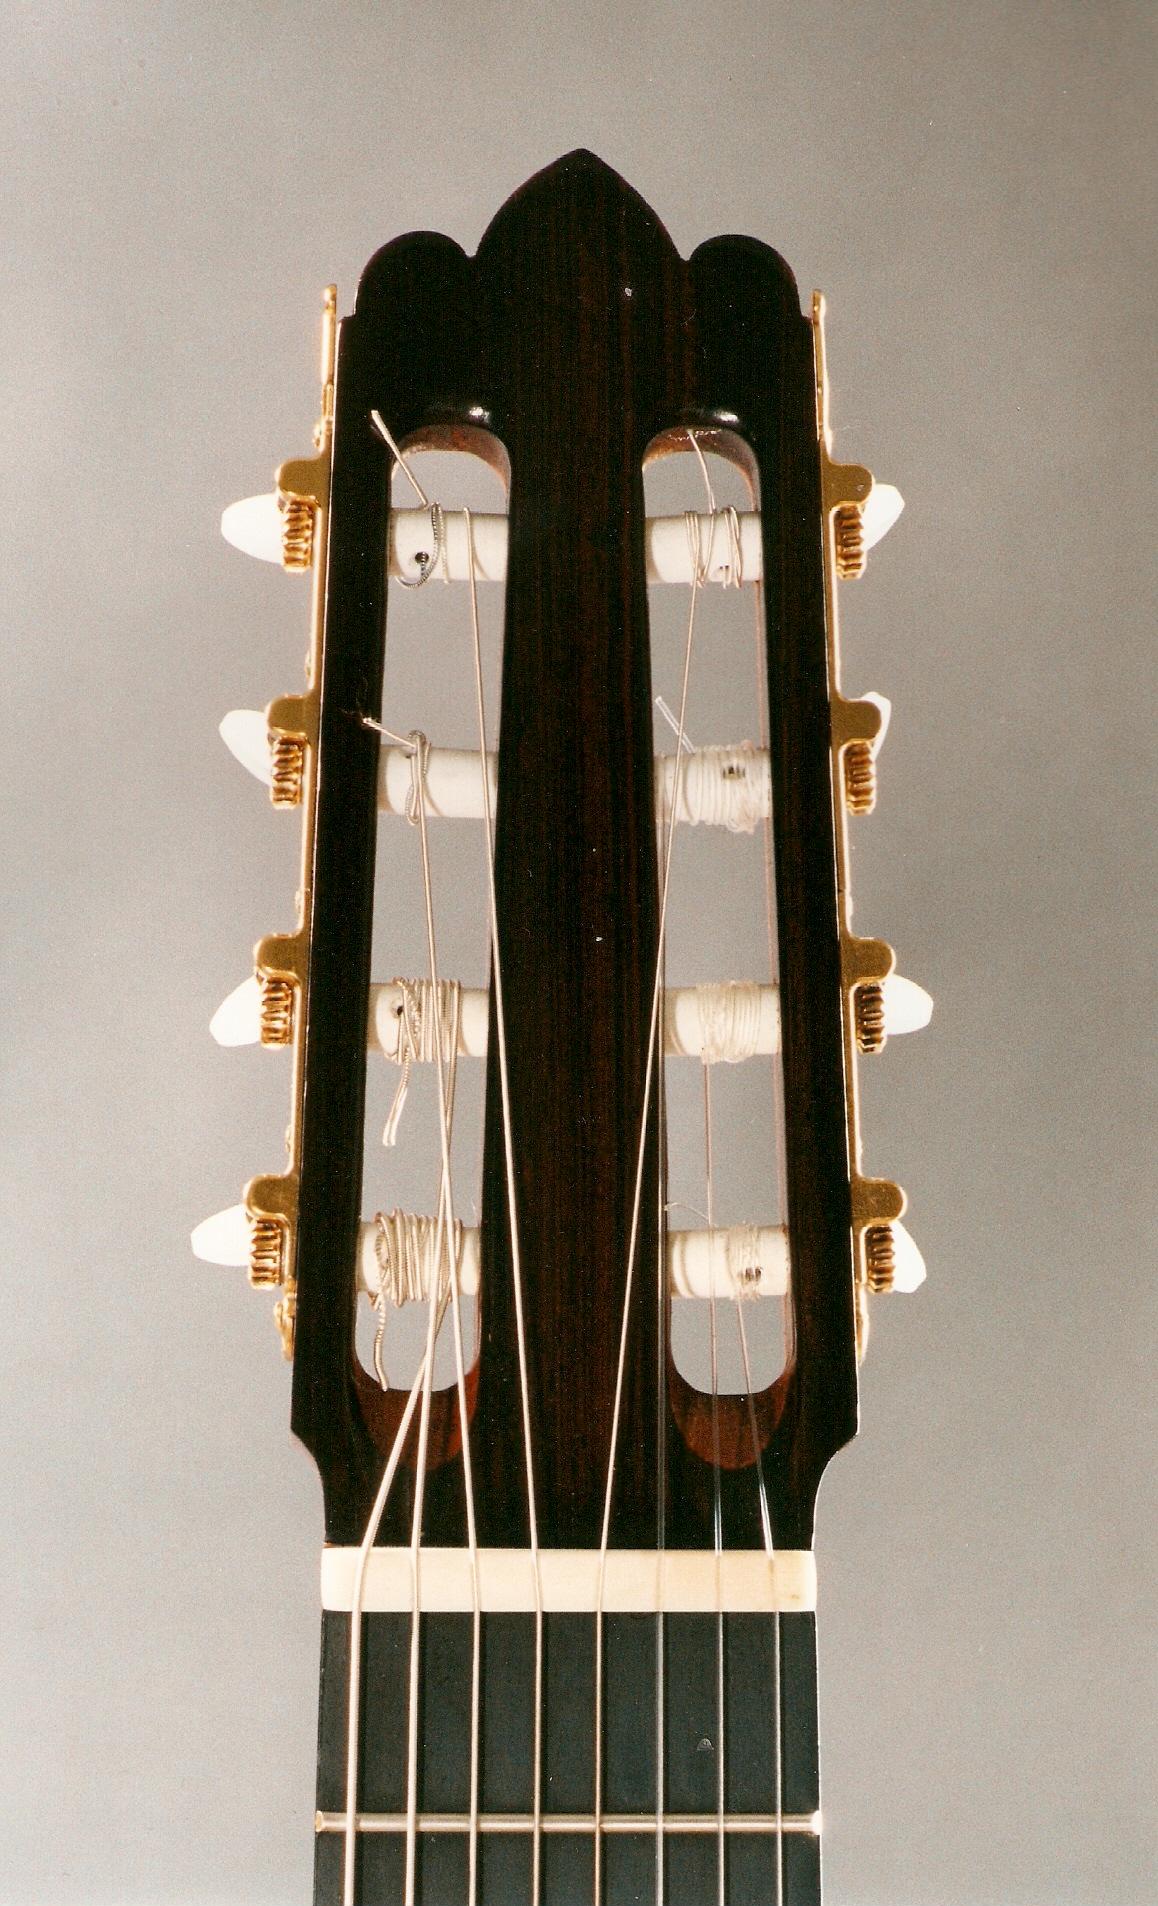 Requinto Gitarının, Brezilya Gül ağacı kafa